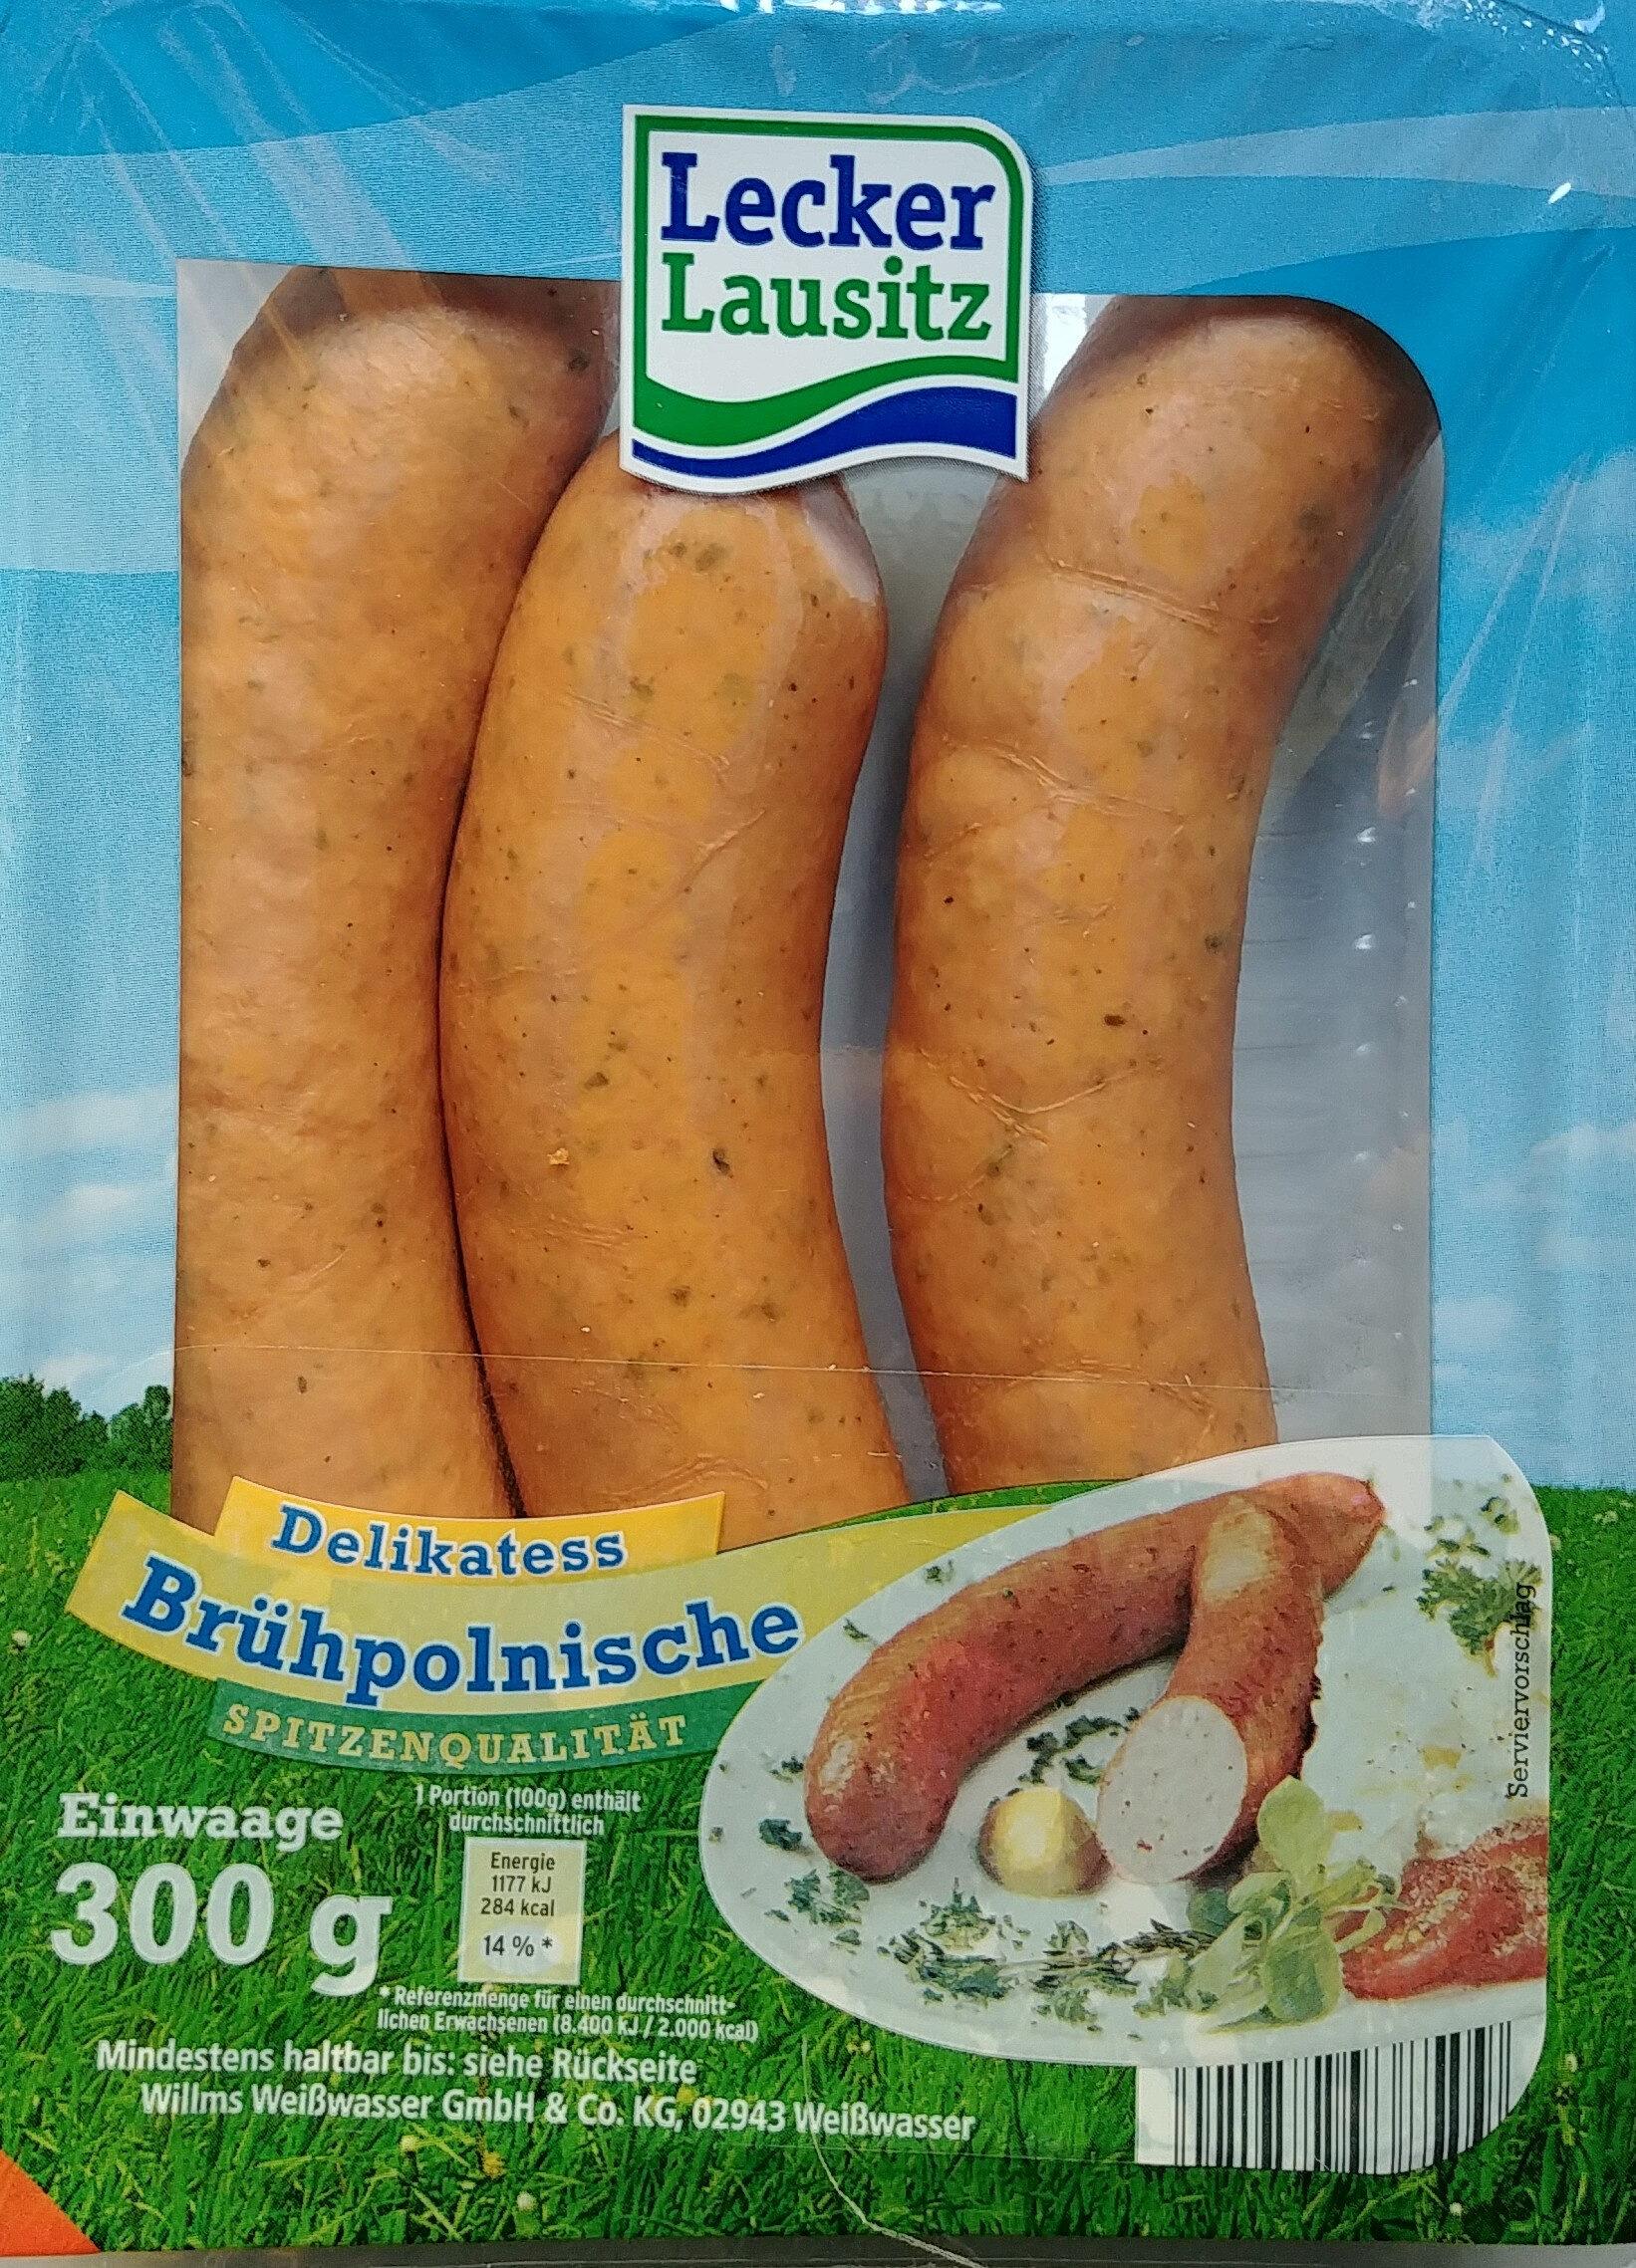 Delikatess Brühpolnische - Produkt - de